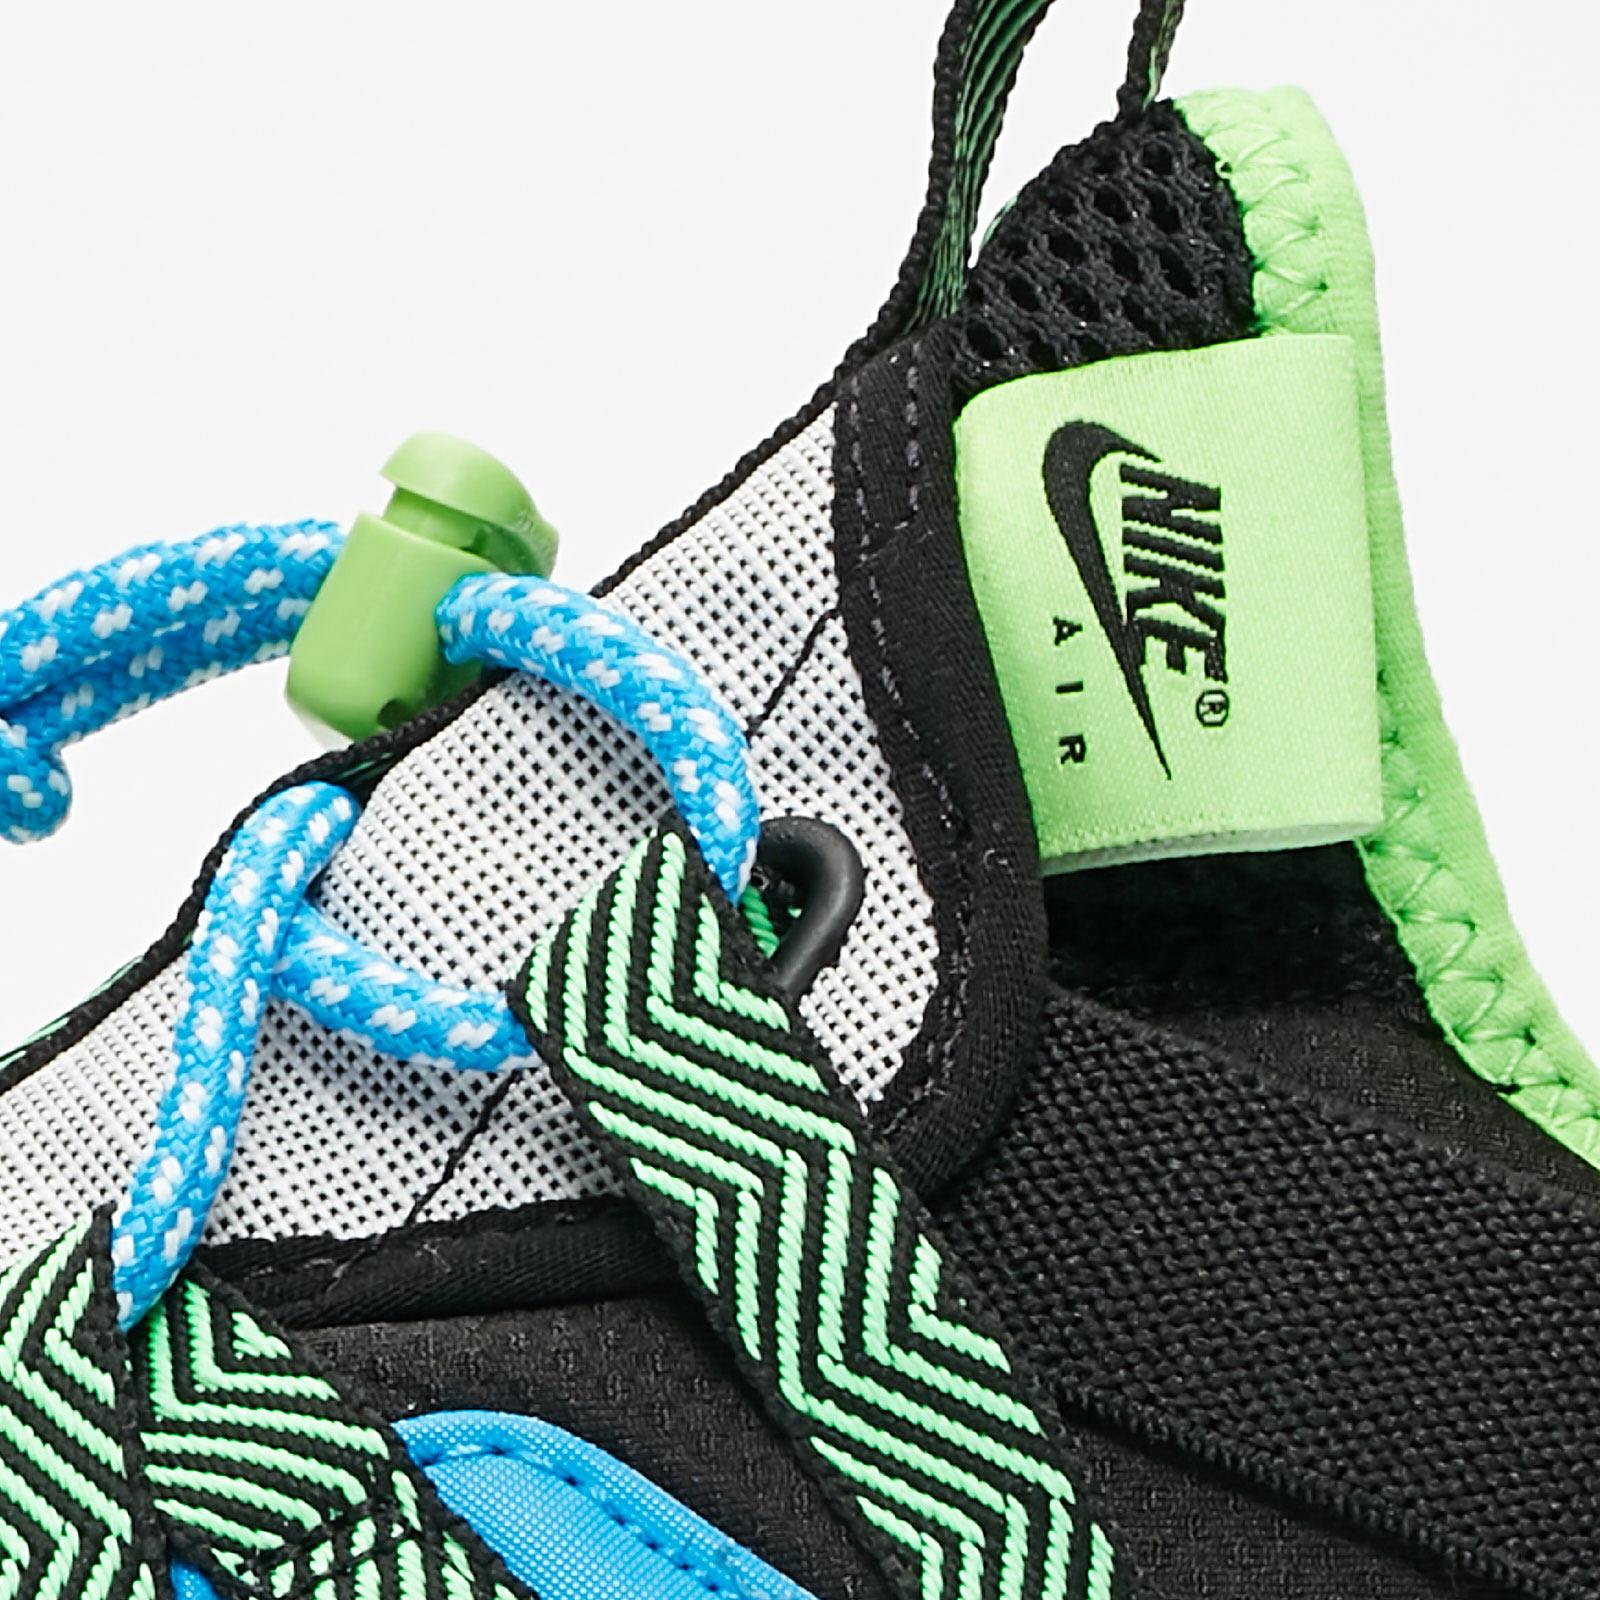 Nike Air Max 270 Bowfin - Aj7200-002 - Sneakersnstuff  7ac58fd59